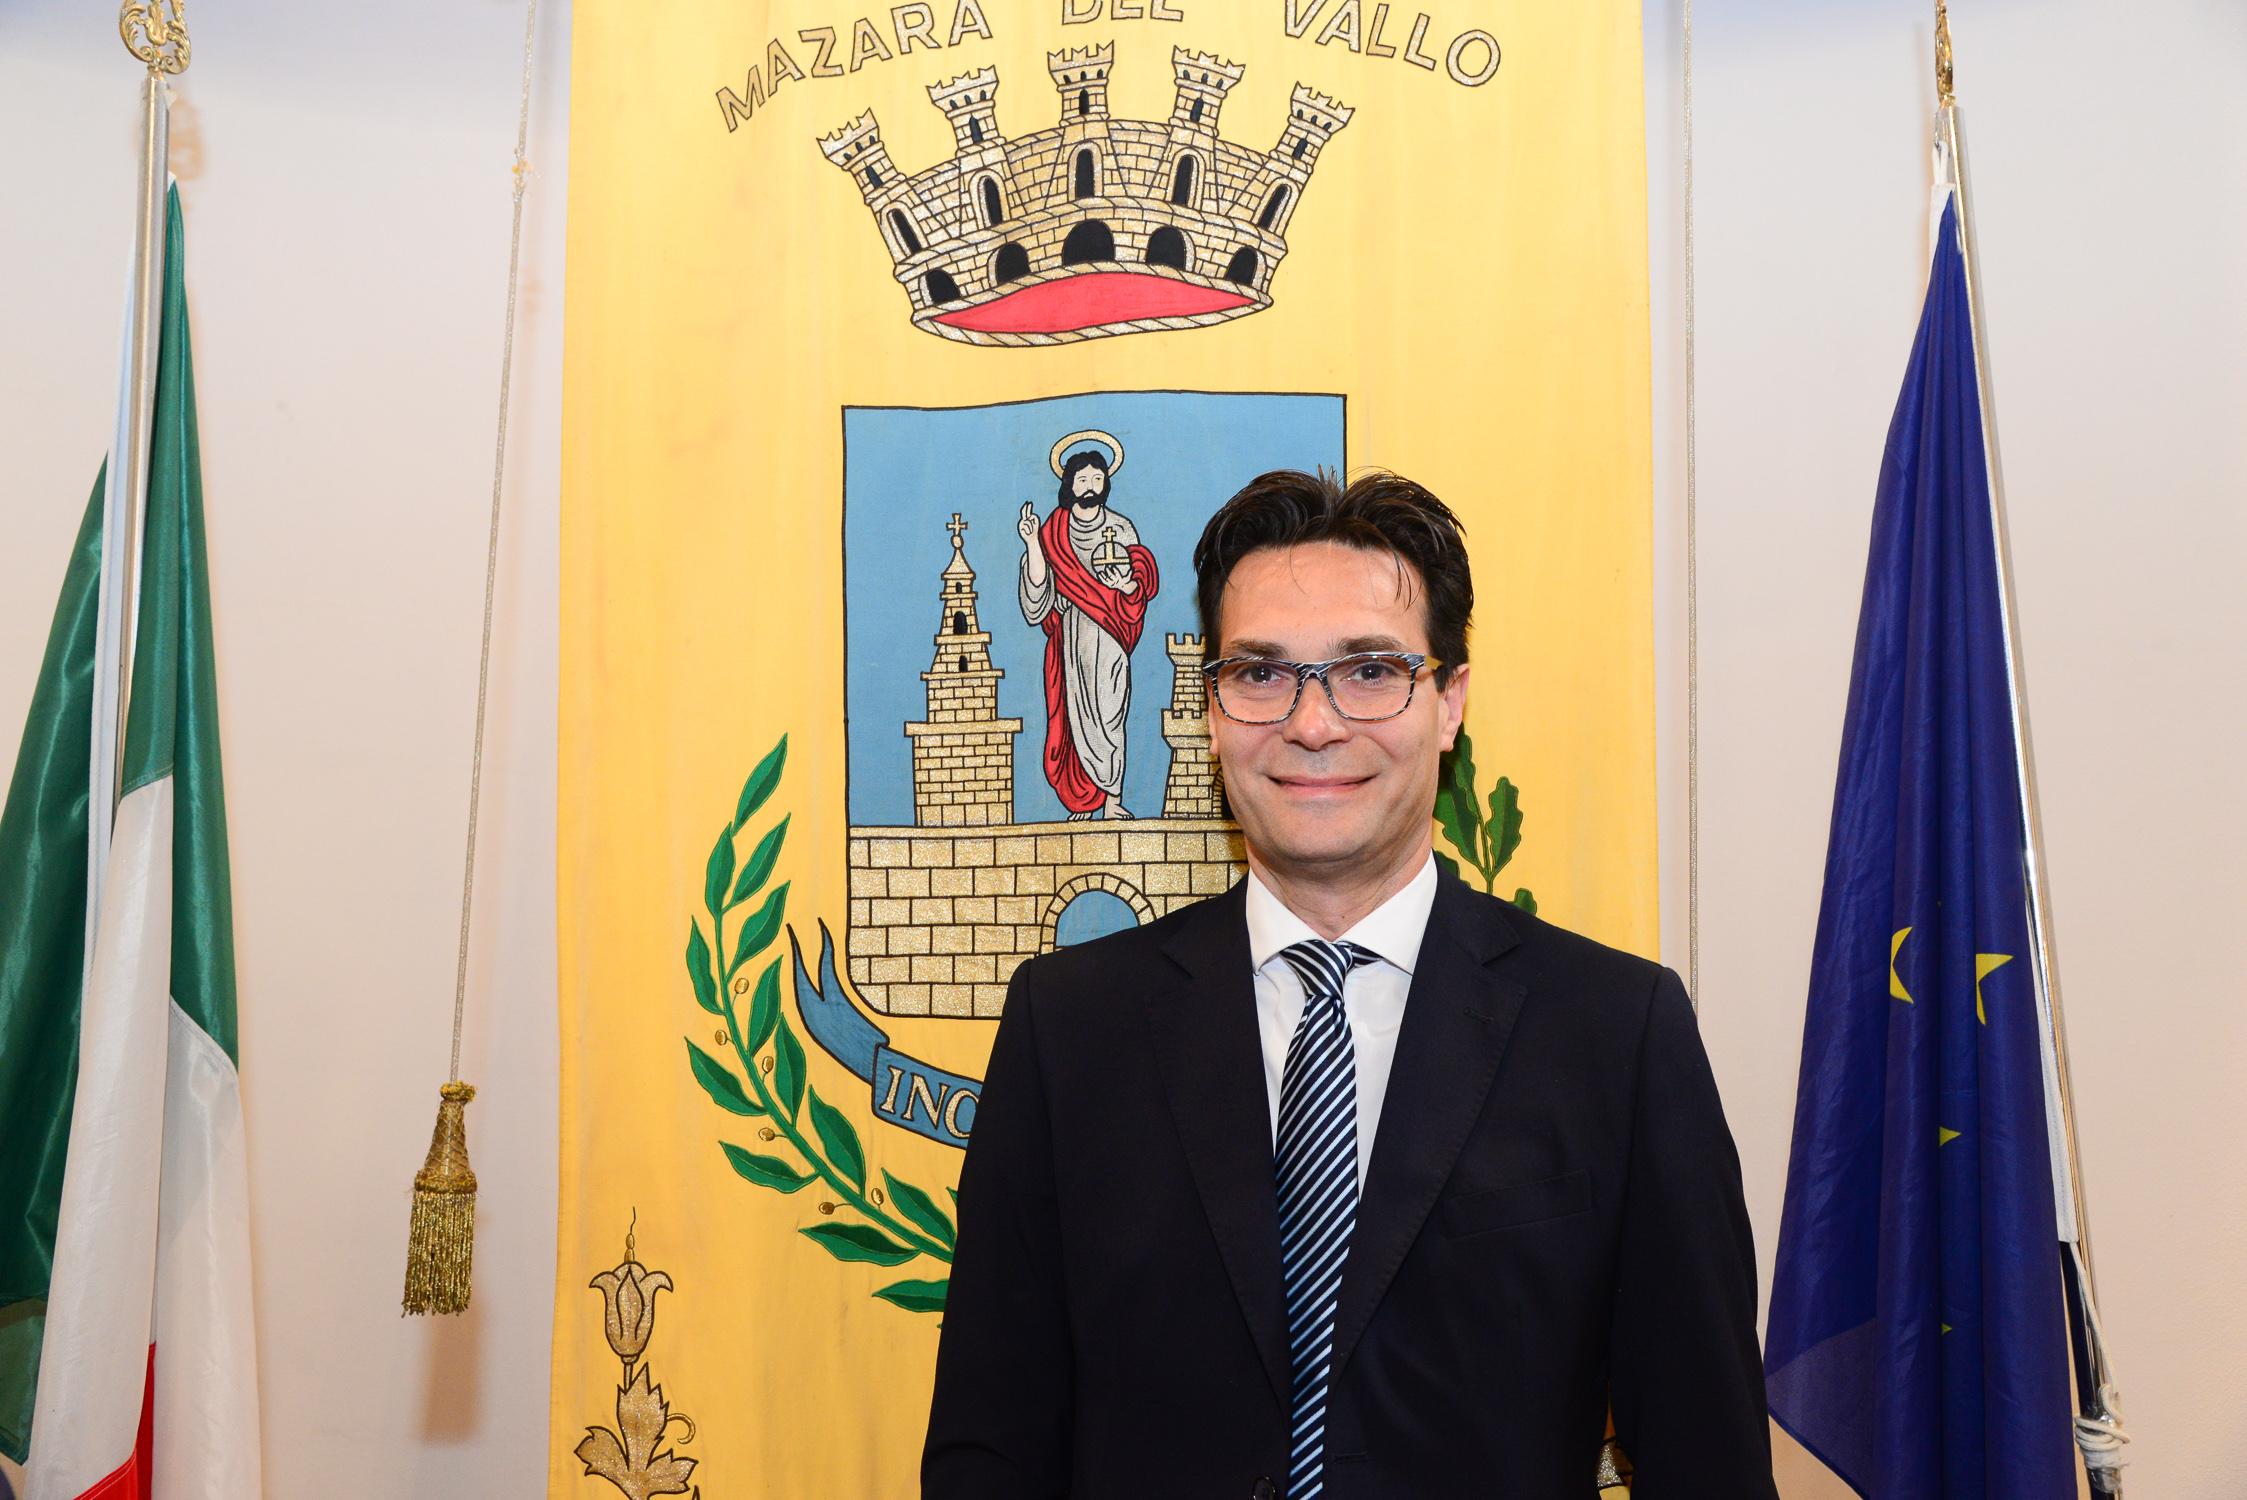 Mazara. Il meetup del Movimento 5 Stelle espelle il consigliere comunale Girolamo Billardello